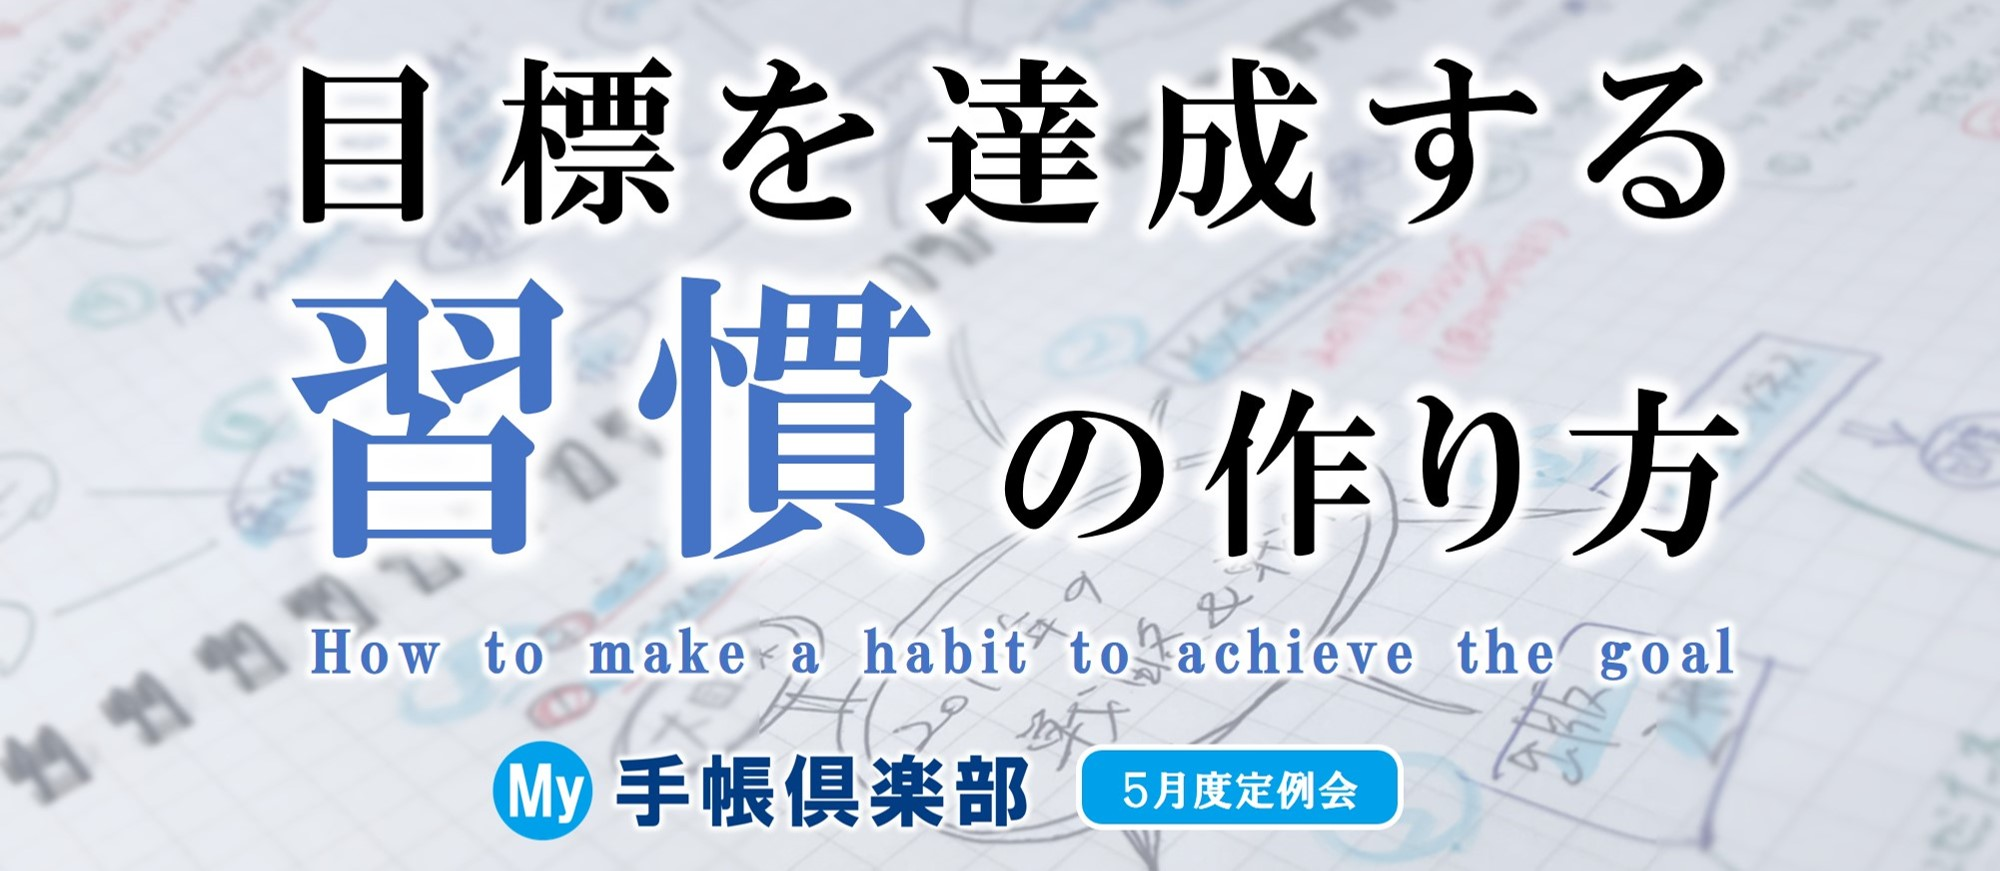 【My手帳倶楽部(5月度定例会)】目標を達成する習慣の作り方